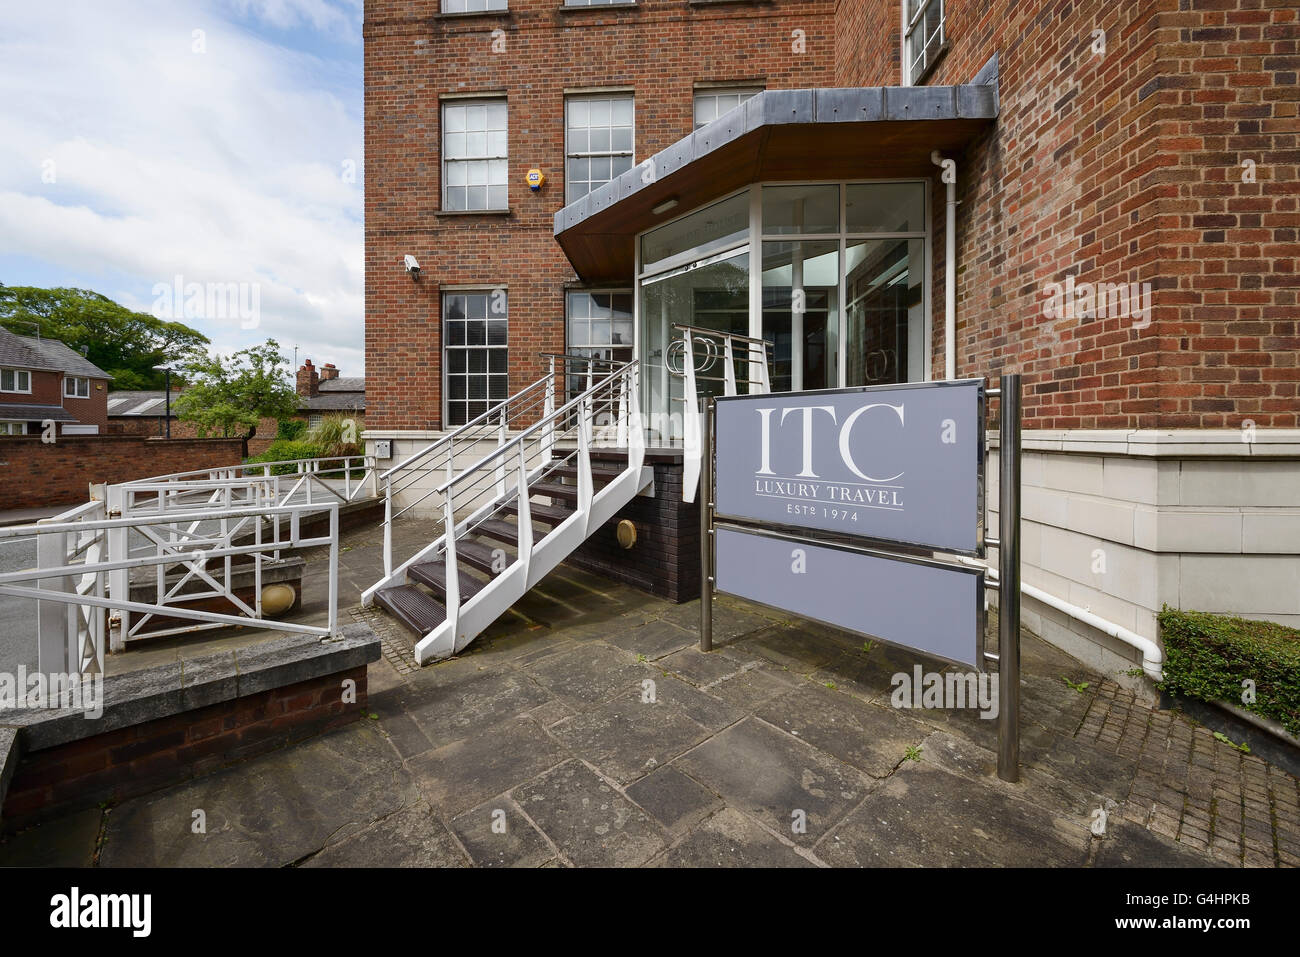 Die Außenseite des Amtes der Luxus Reisebüros ITC die Funktion in einem BBC-TV-Dokumentarfilm ausgestrahlt Stockbild